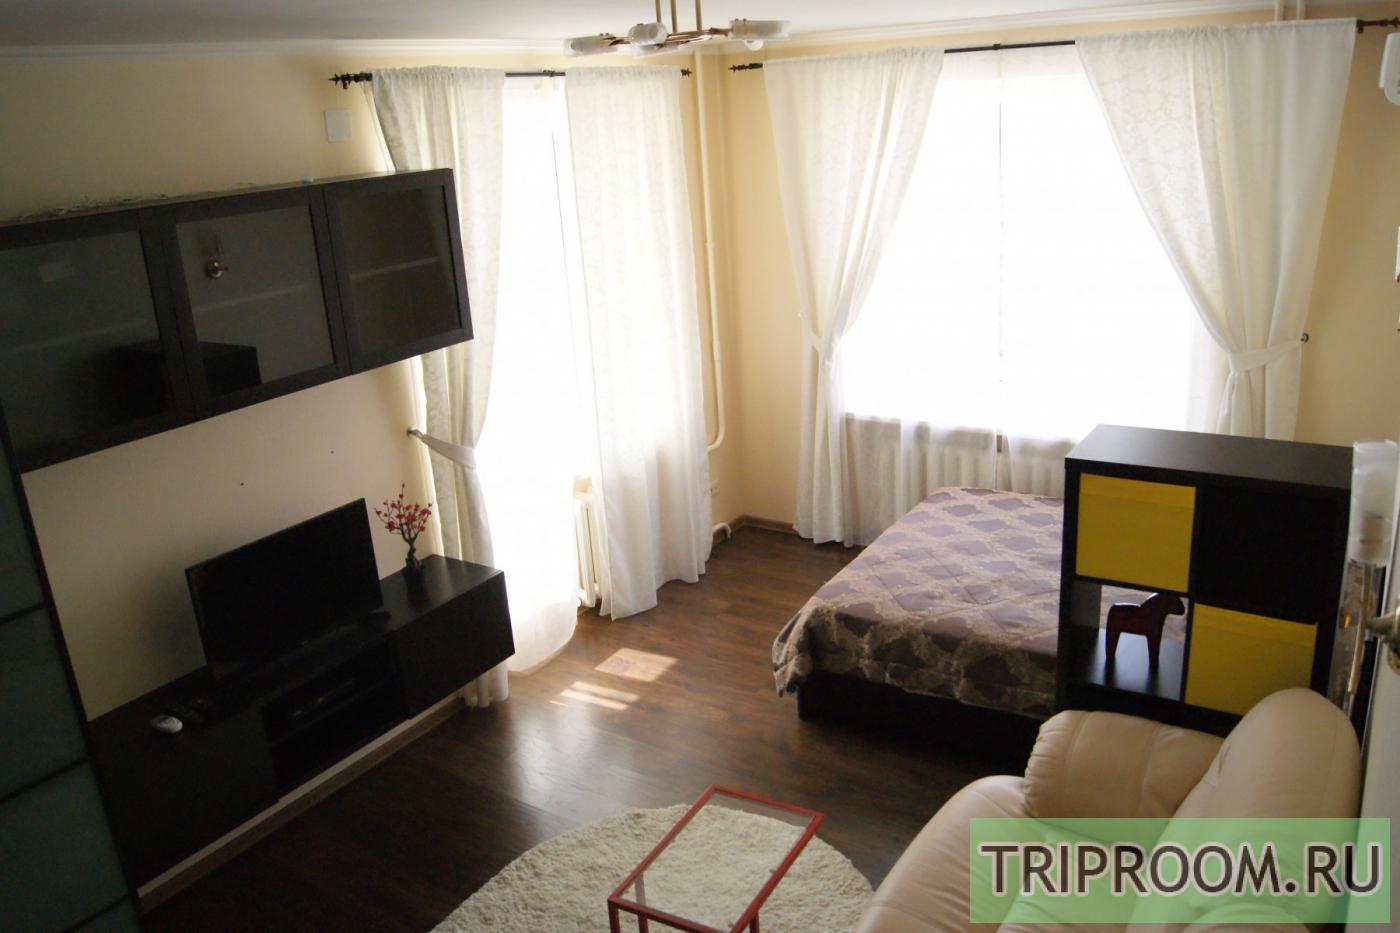 1-комнатная квартира посуточно (вариант № 22116), ул. Красноармейская улица, фото № 1